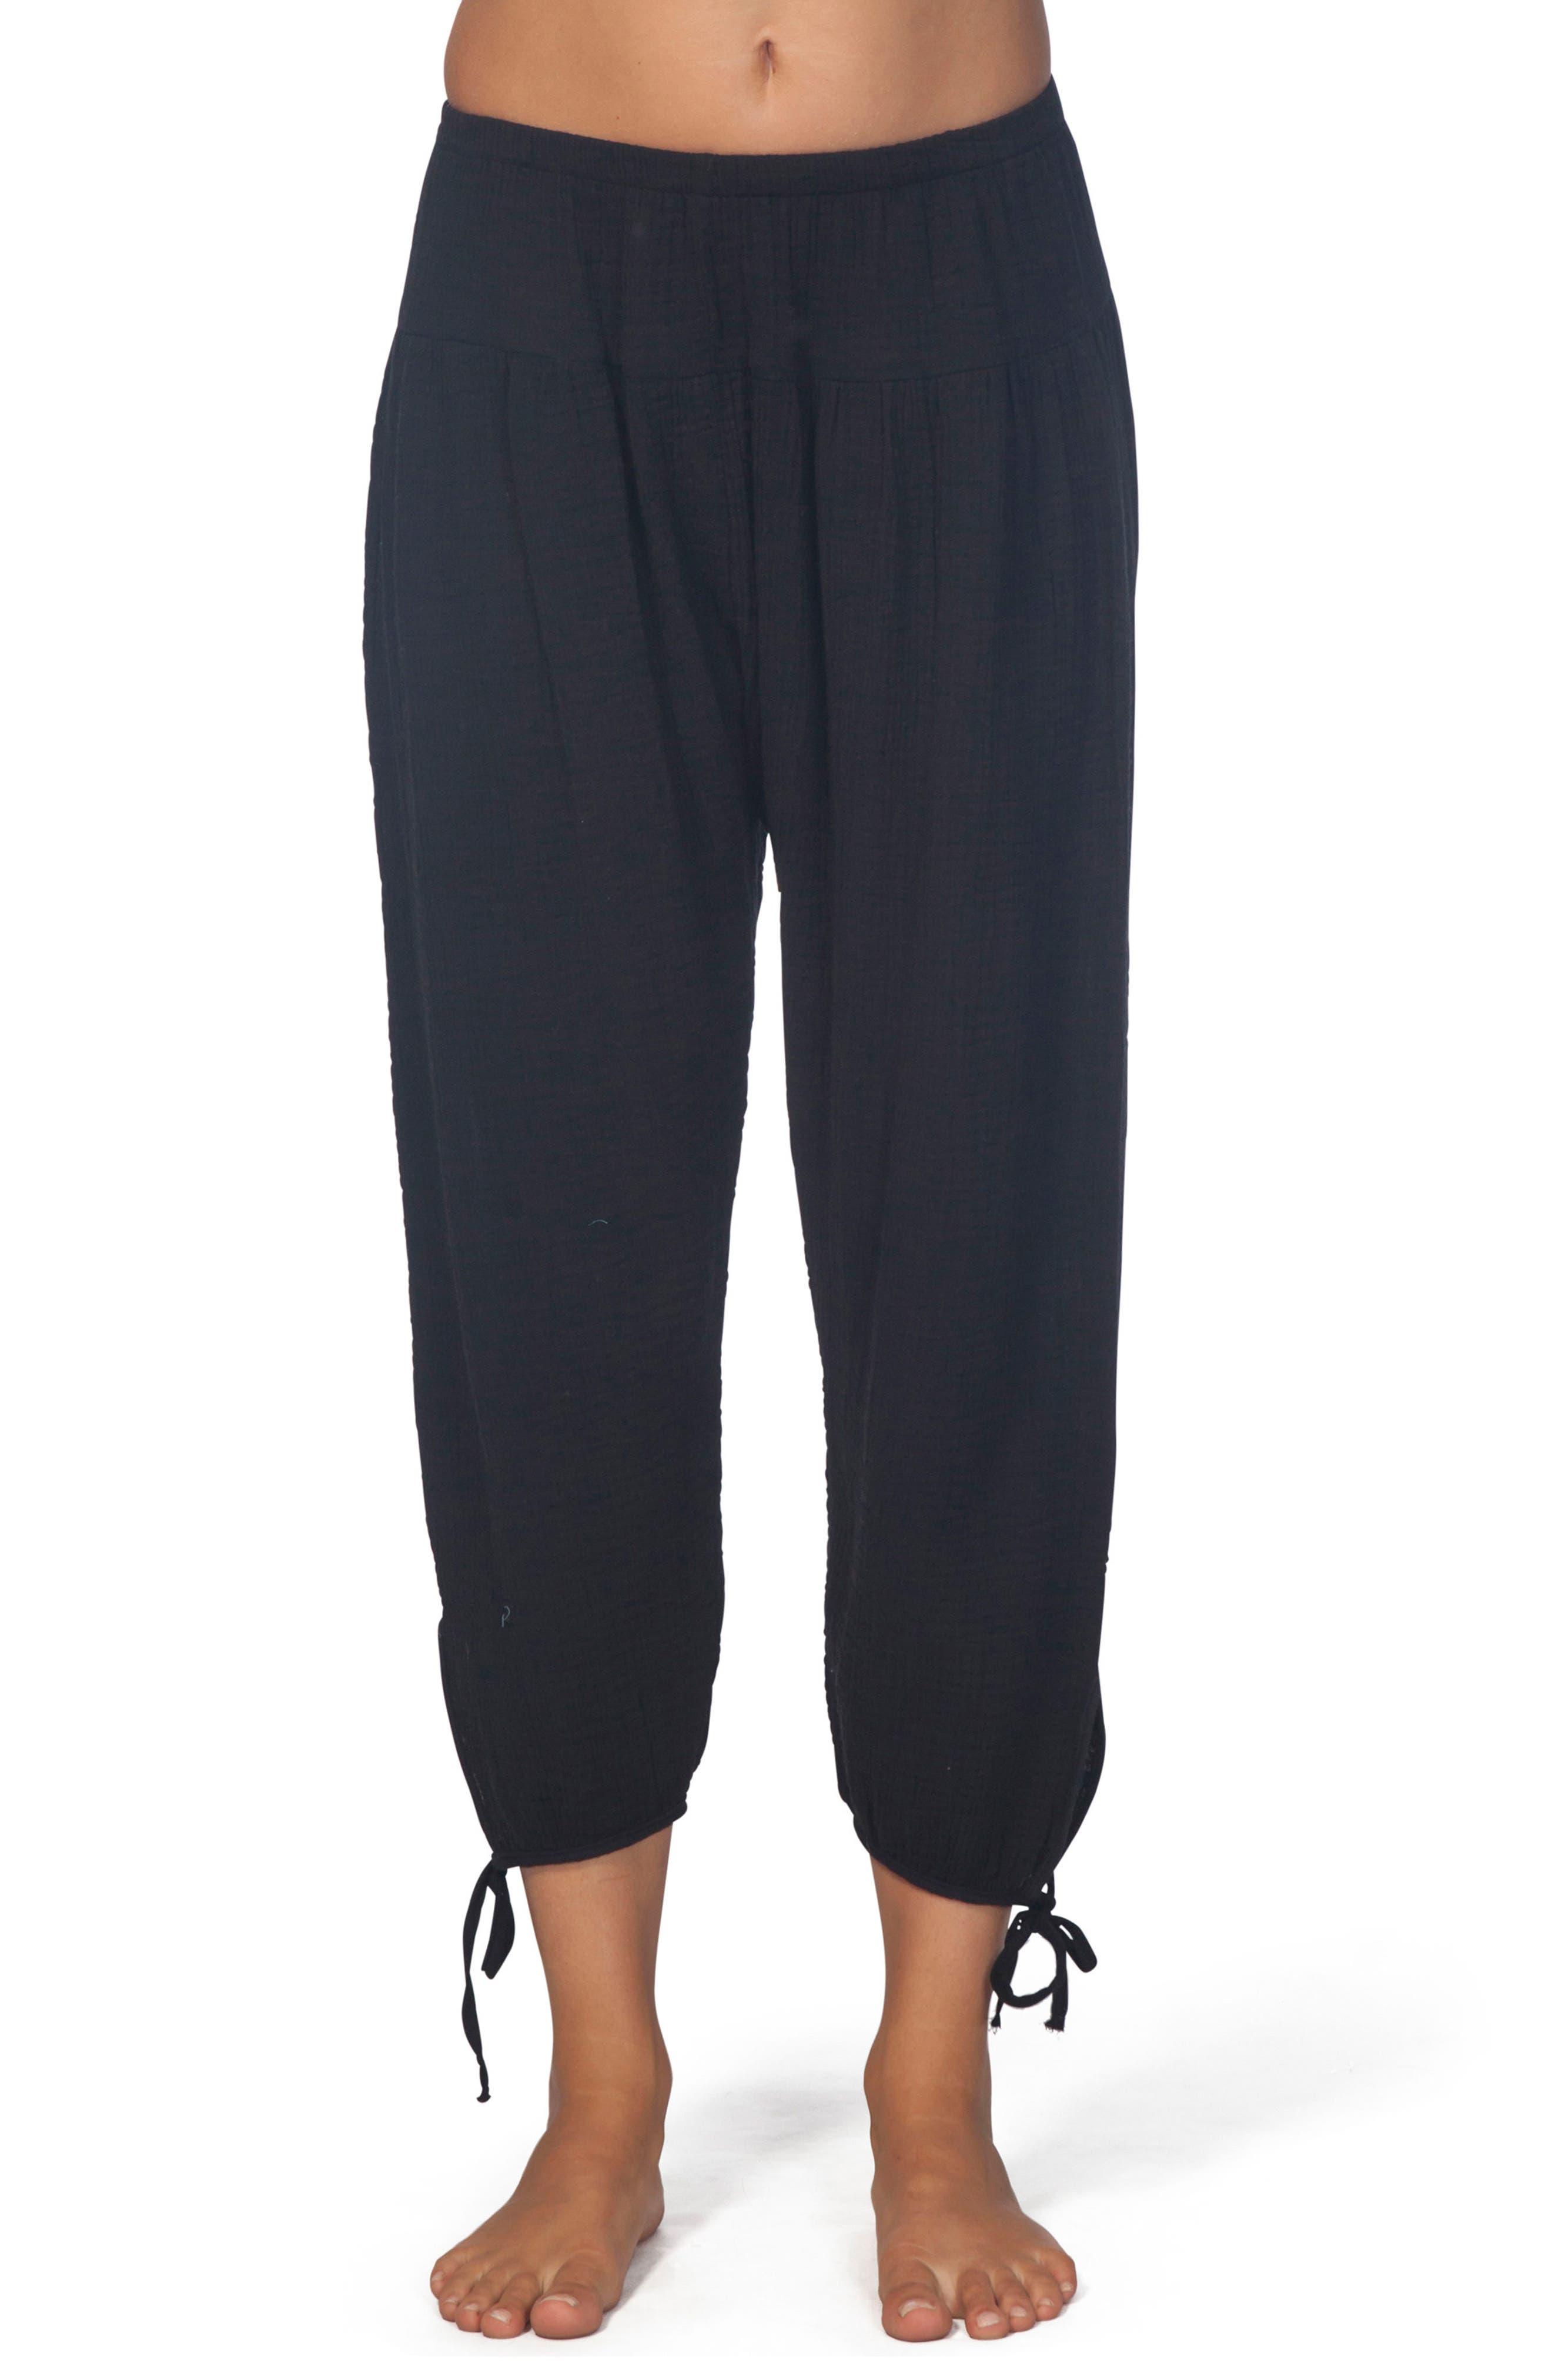 Double Dose Pants,                         Main,                         color, Black